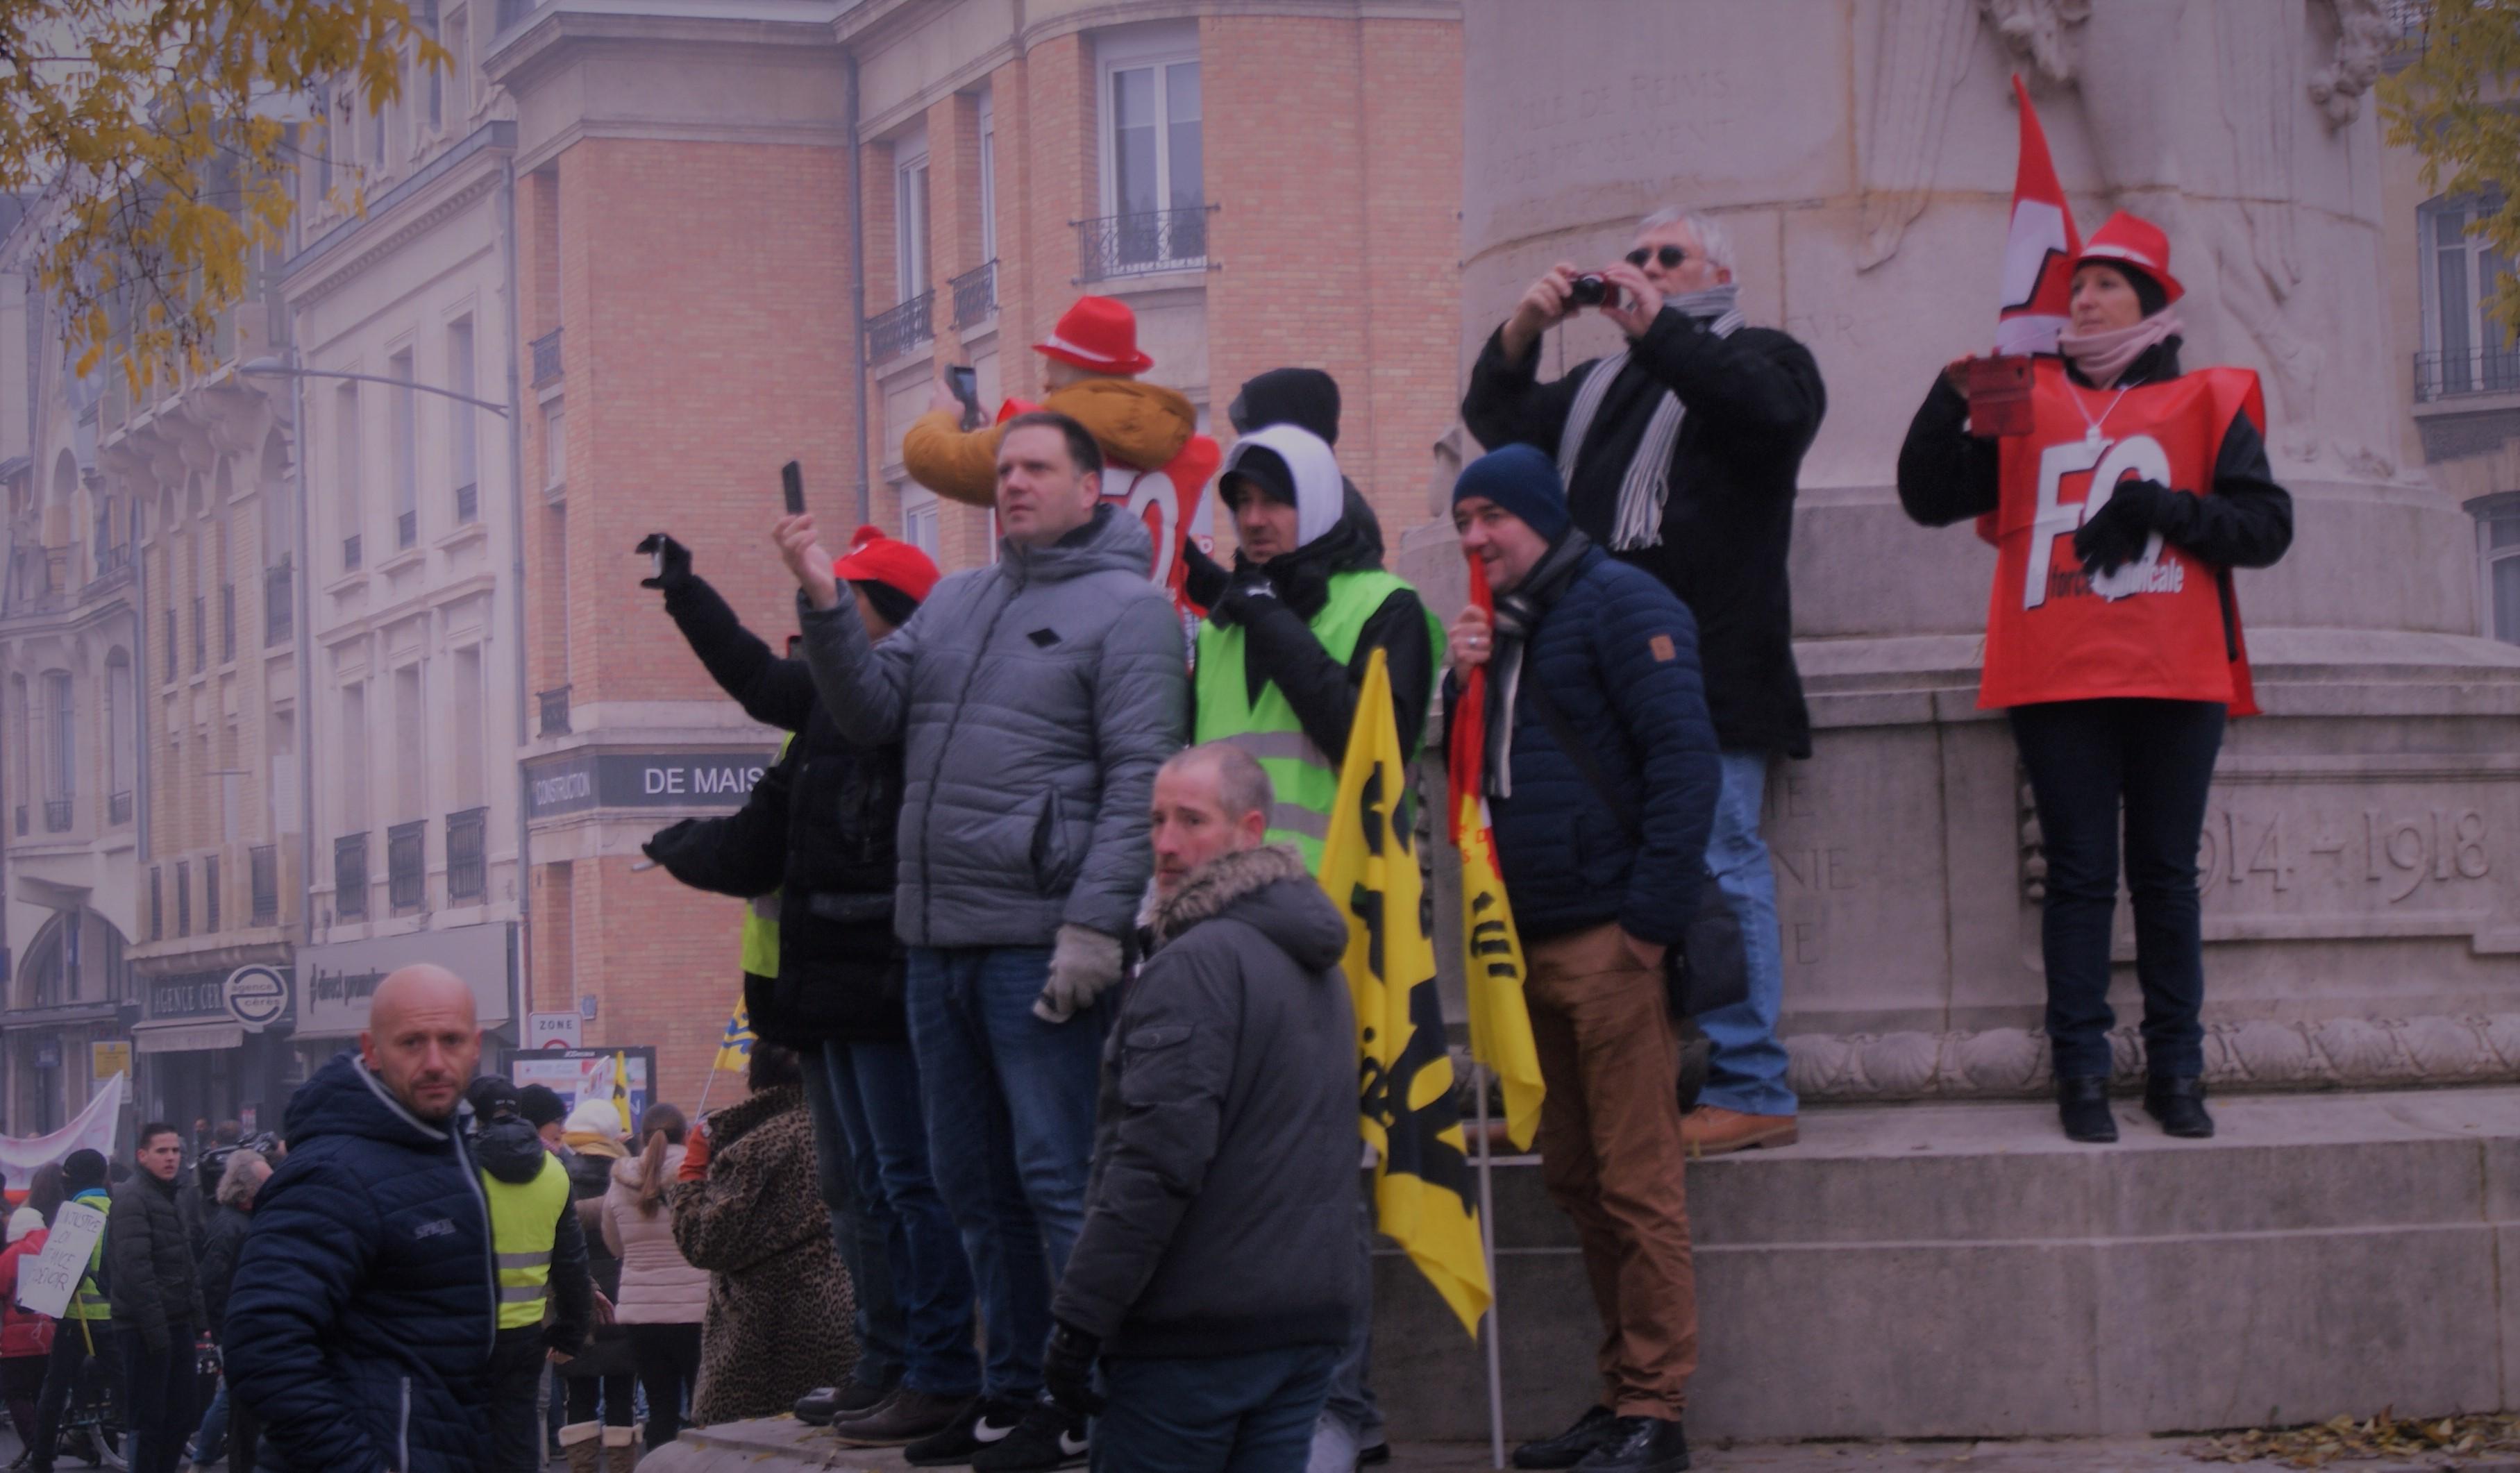 Grève_5 décembre 2019_REIMS_56